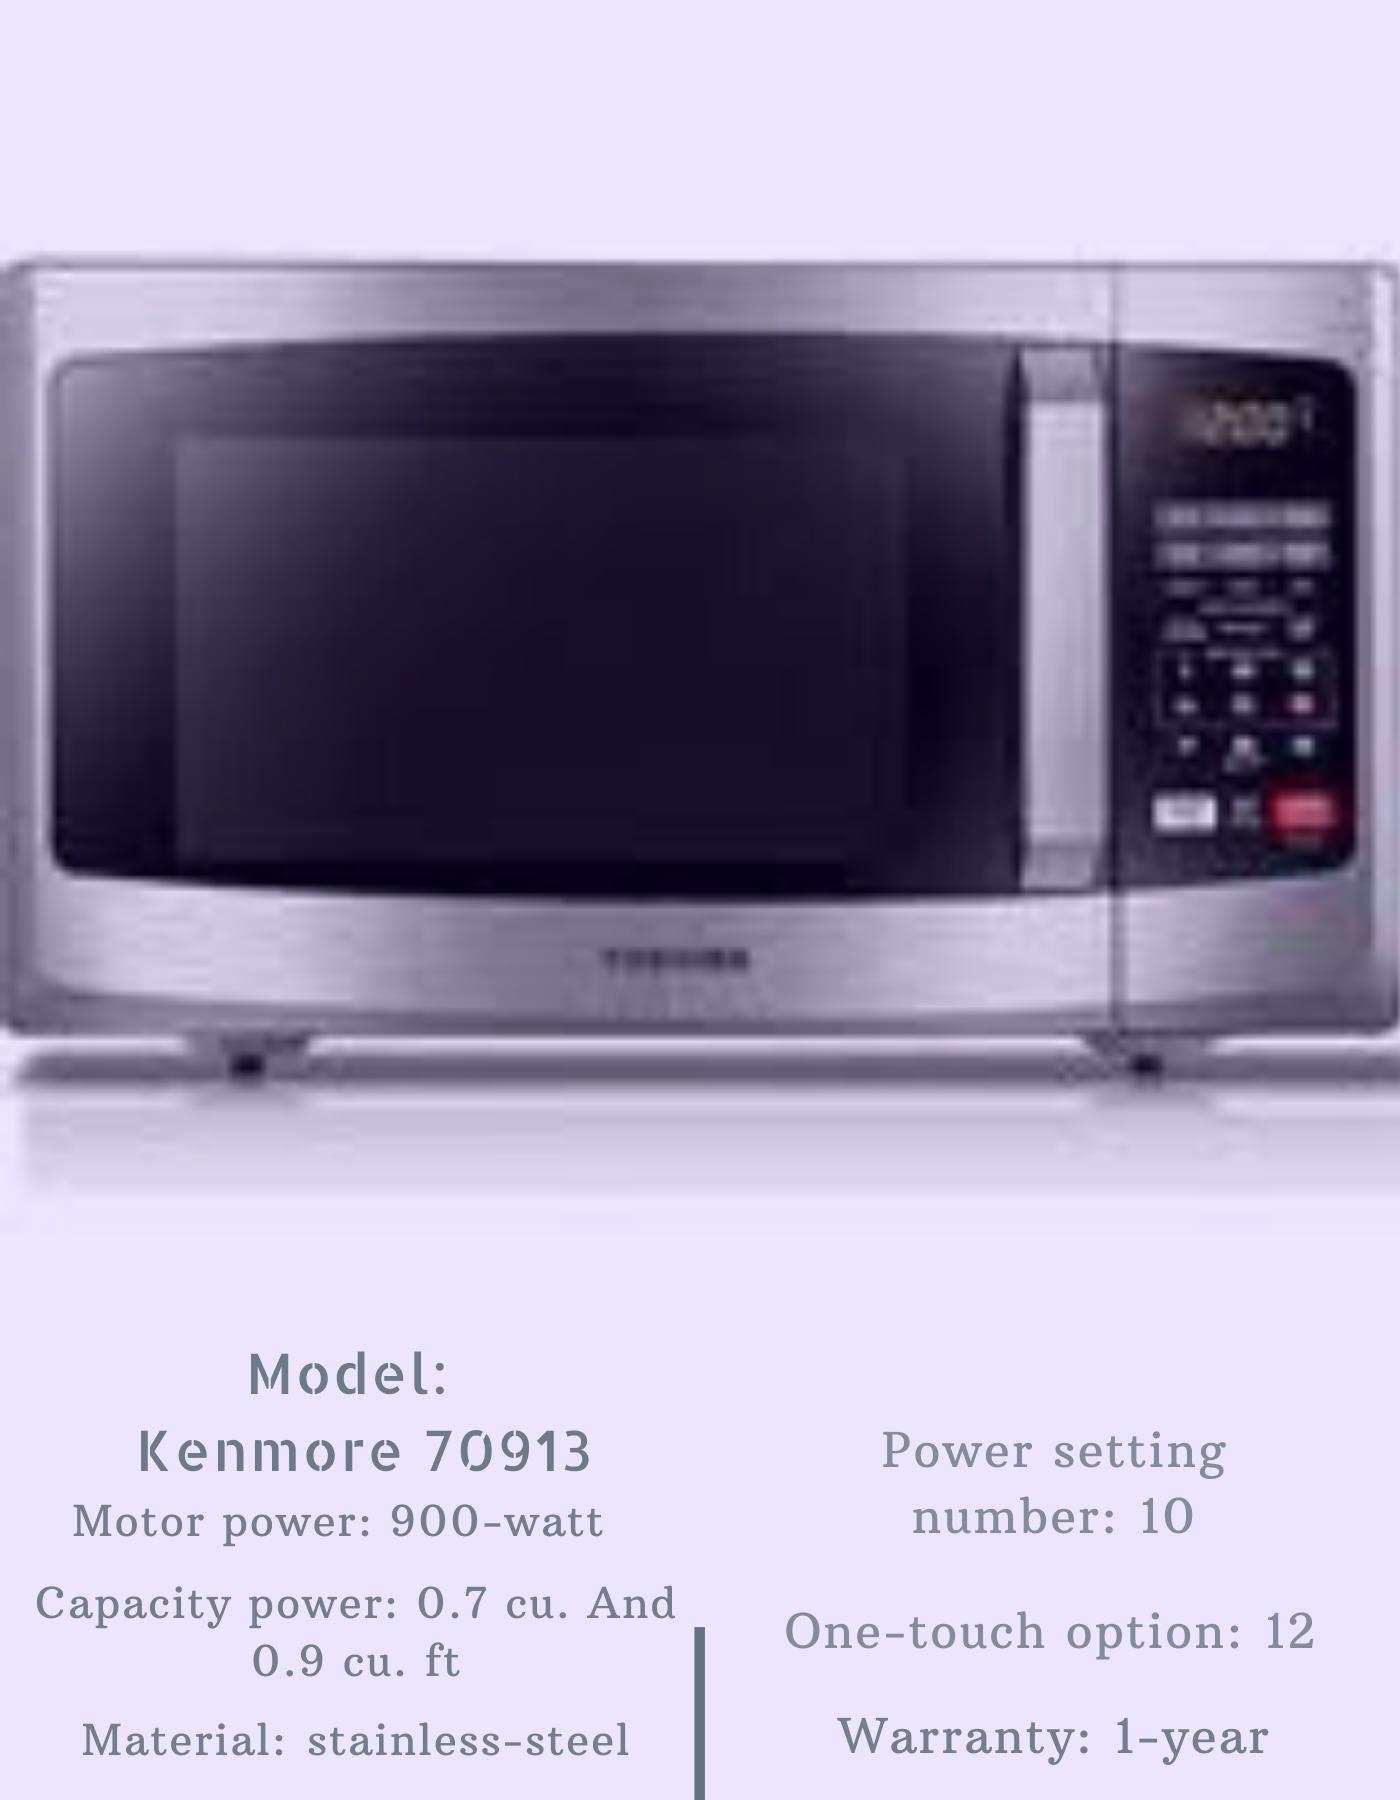 Kenmore 70913 Countertop Microwave In 2020 Kenmore Microwave